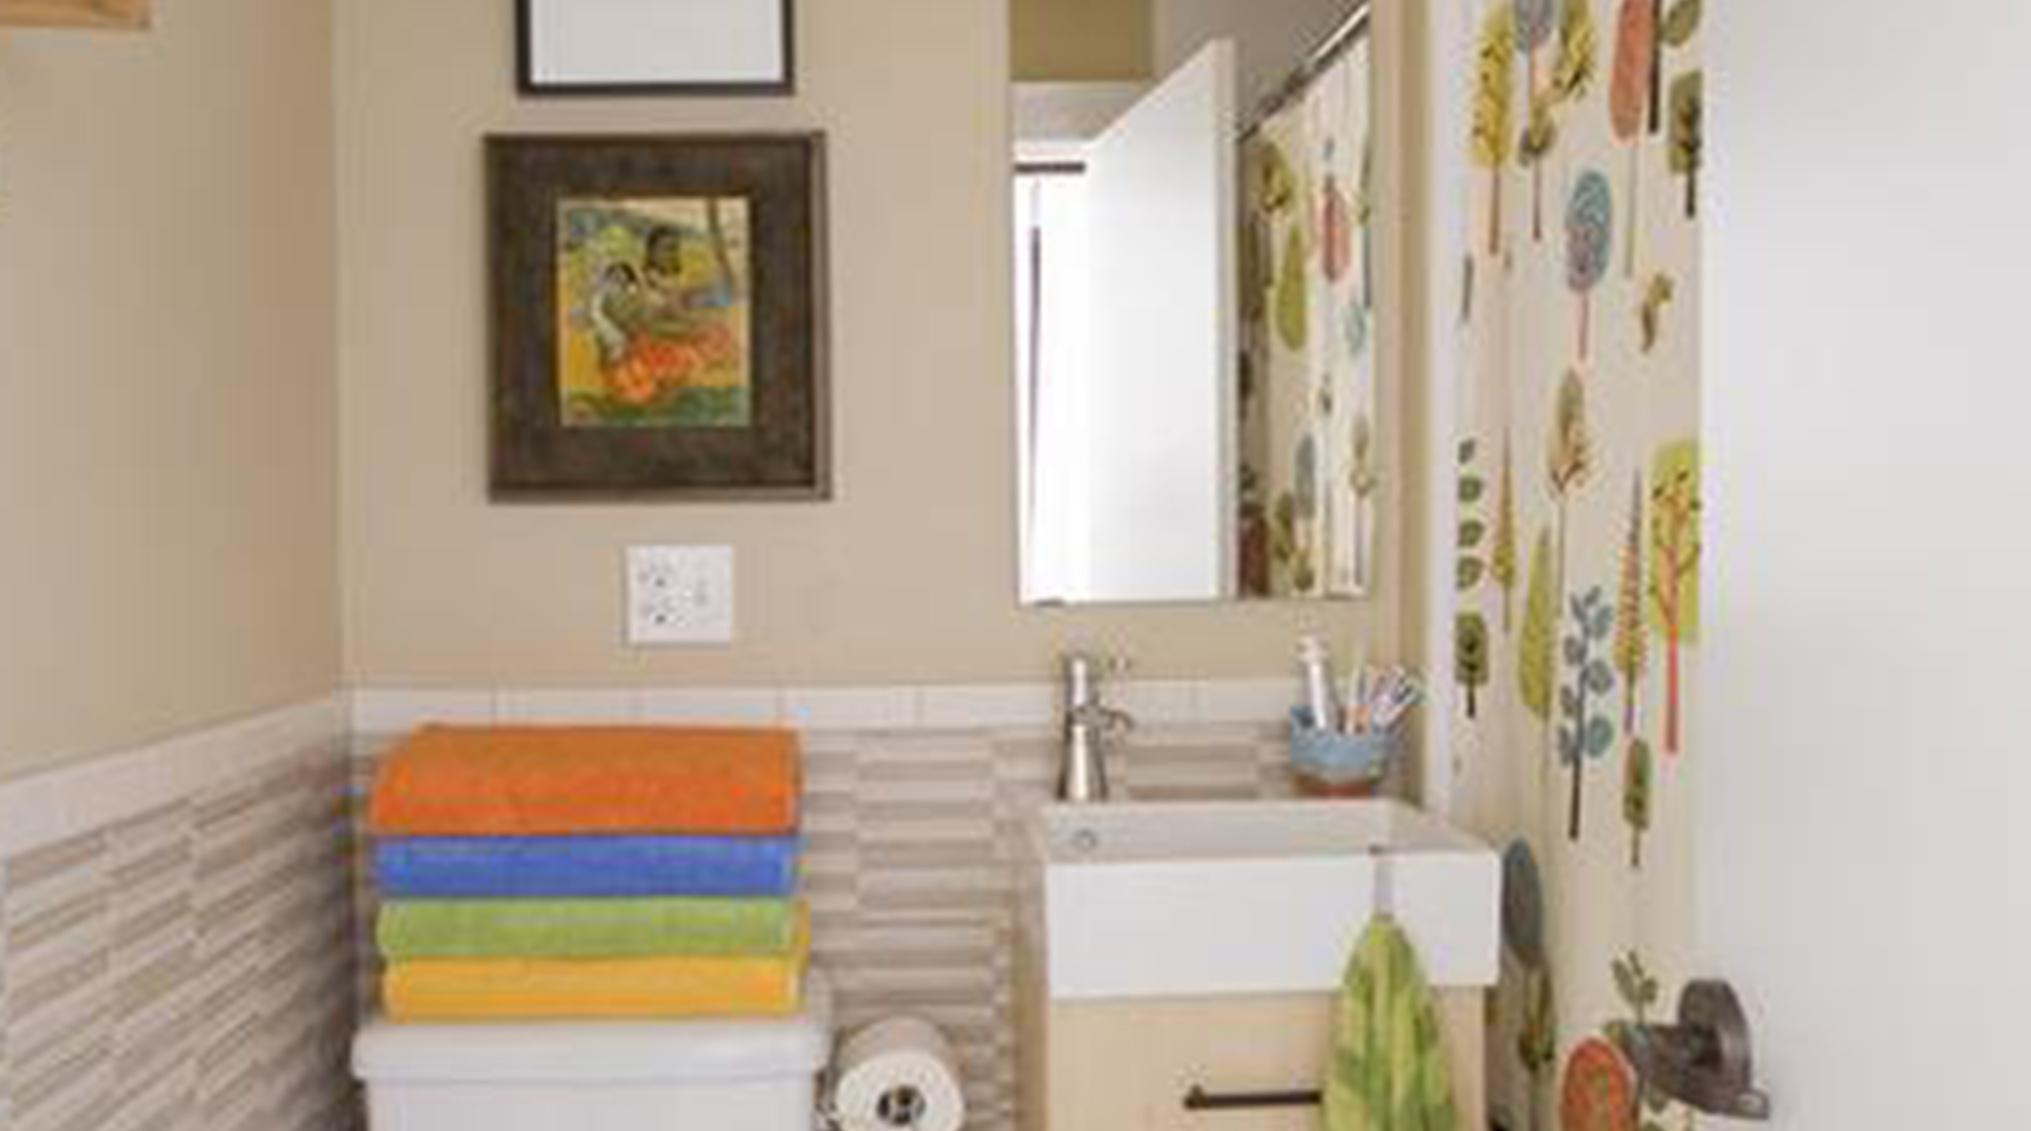 ایده های طراحی حمام و سرویس بهداشتی های کوچک